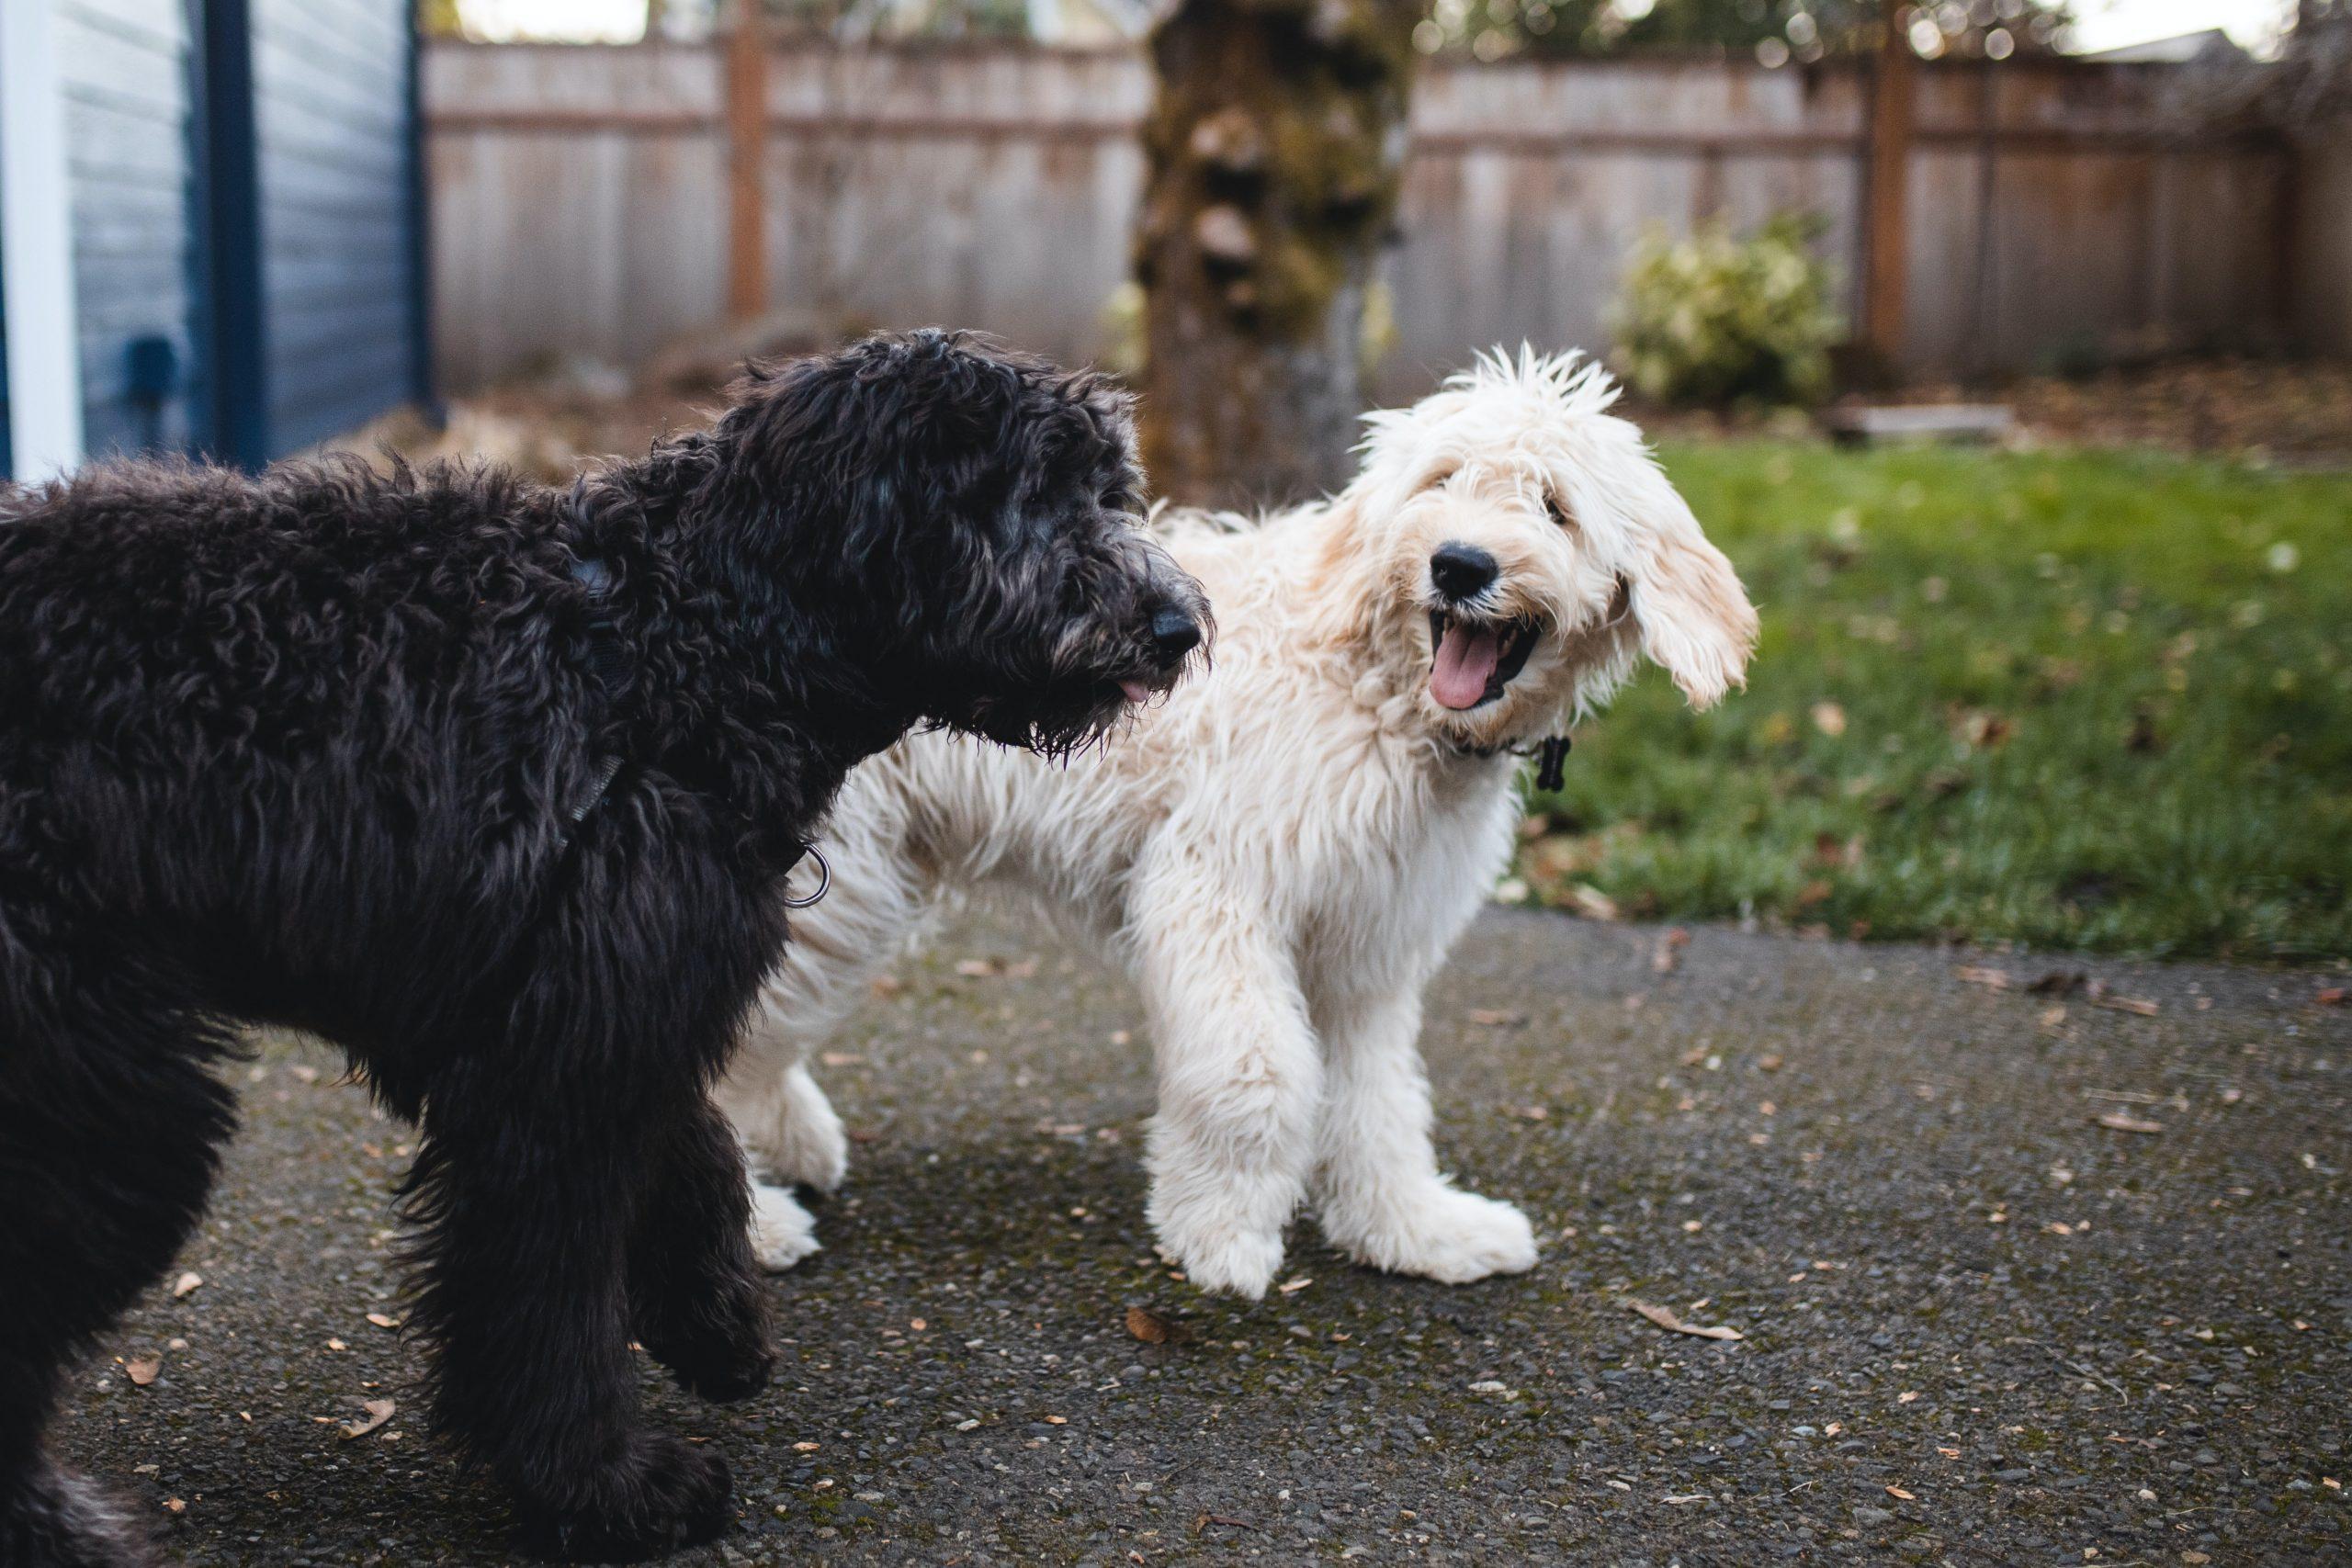 perro negro y perro blanco jugando